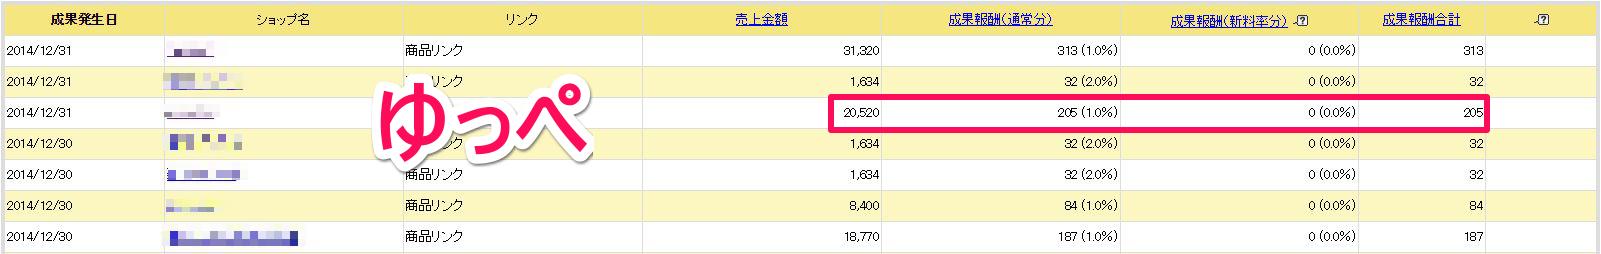 ファンブログで紹介した2万円の商品が売れました!やっと信頼されてきたな~